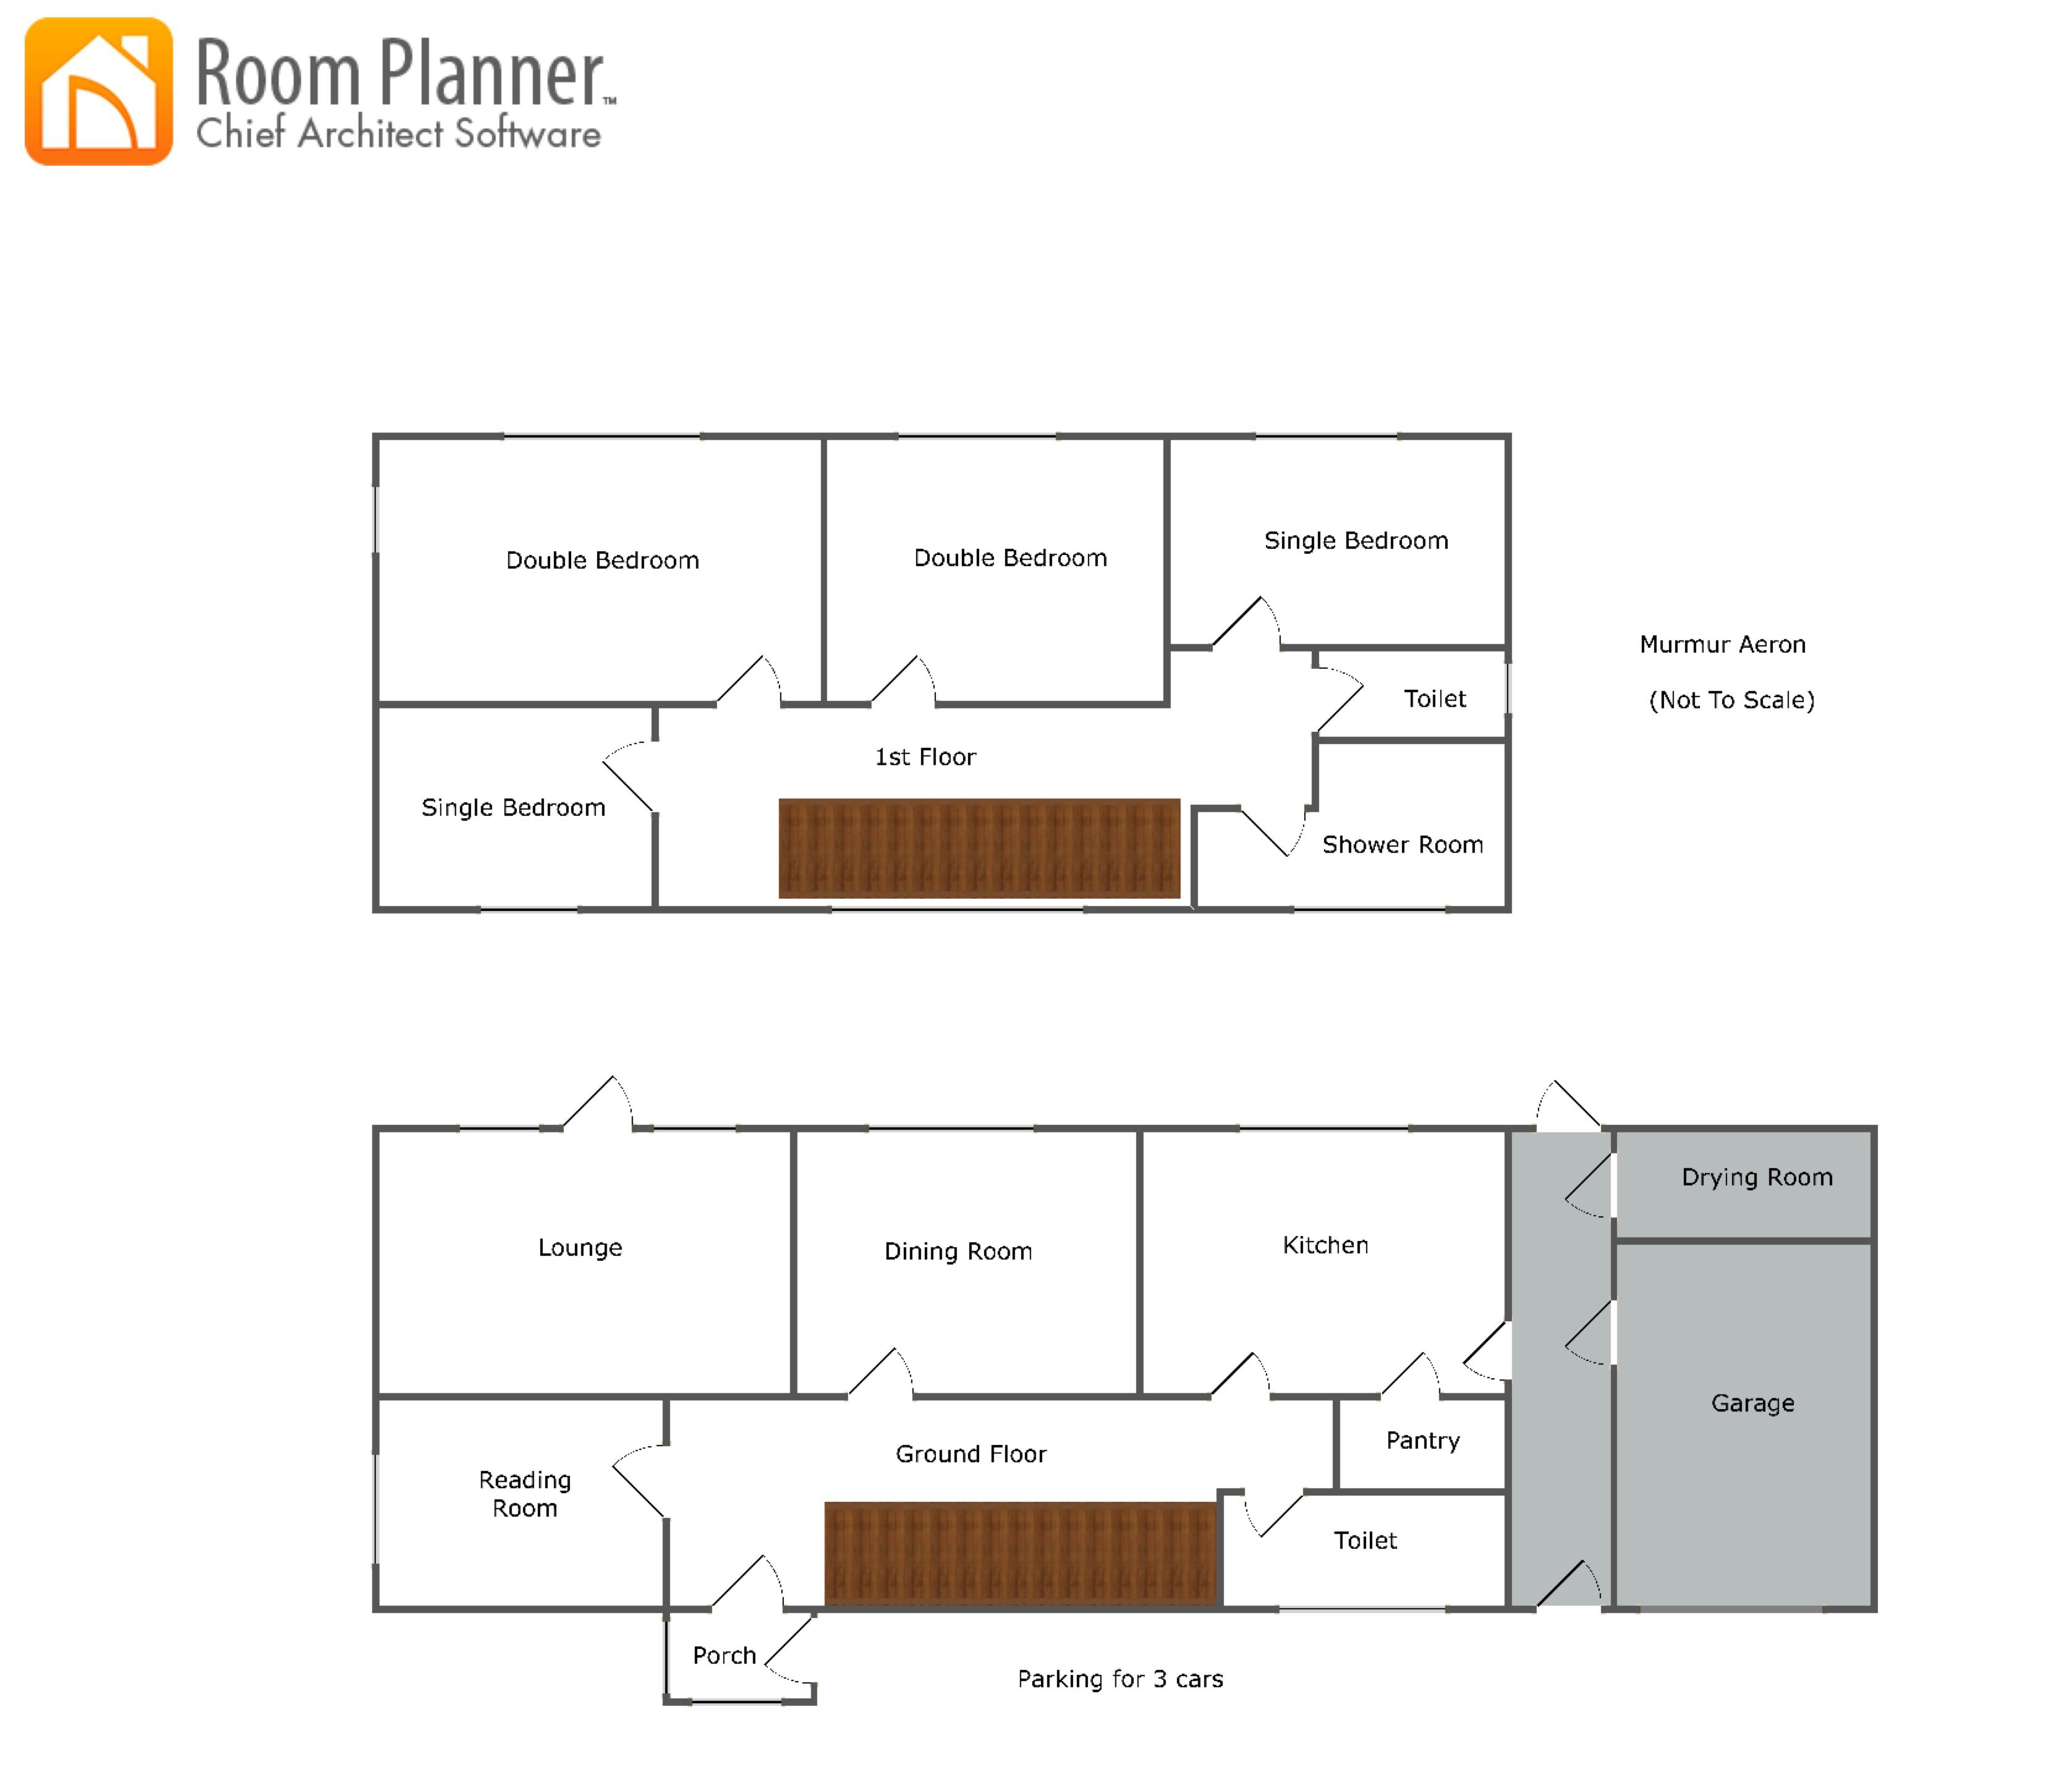 Murmur Aeron Floor Plan